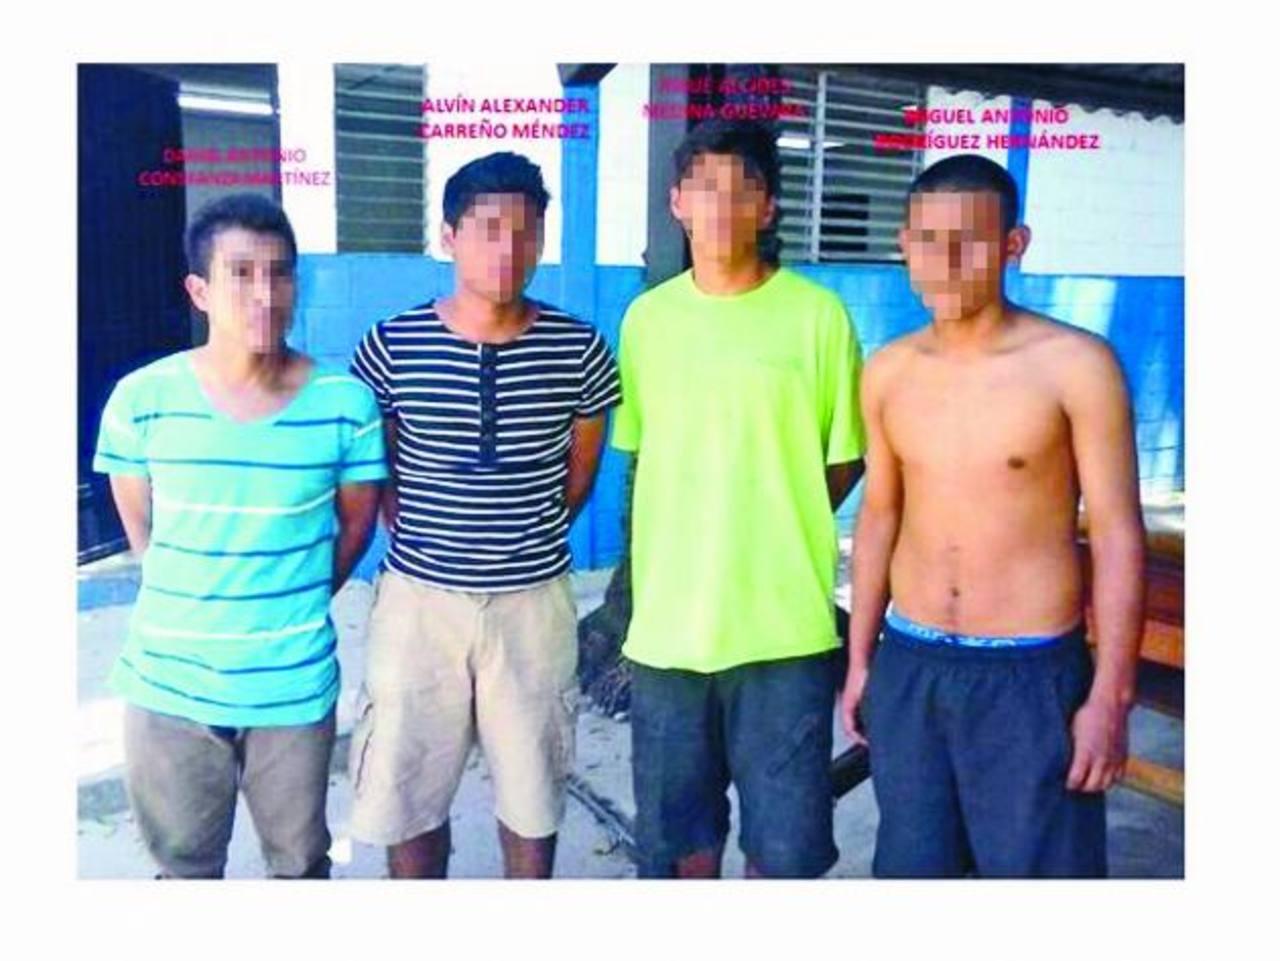 Los cuatro detenidos, supuestos pandilleros de la 18, serán acusados en las próximas horas en un juzgado de Paz.